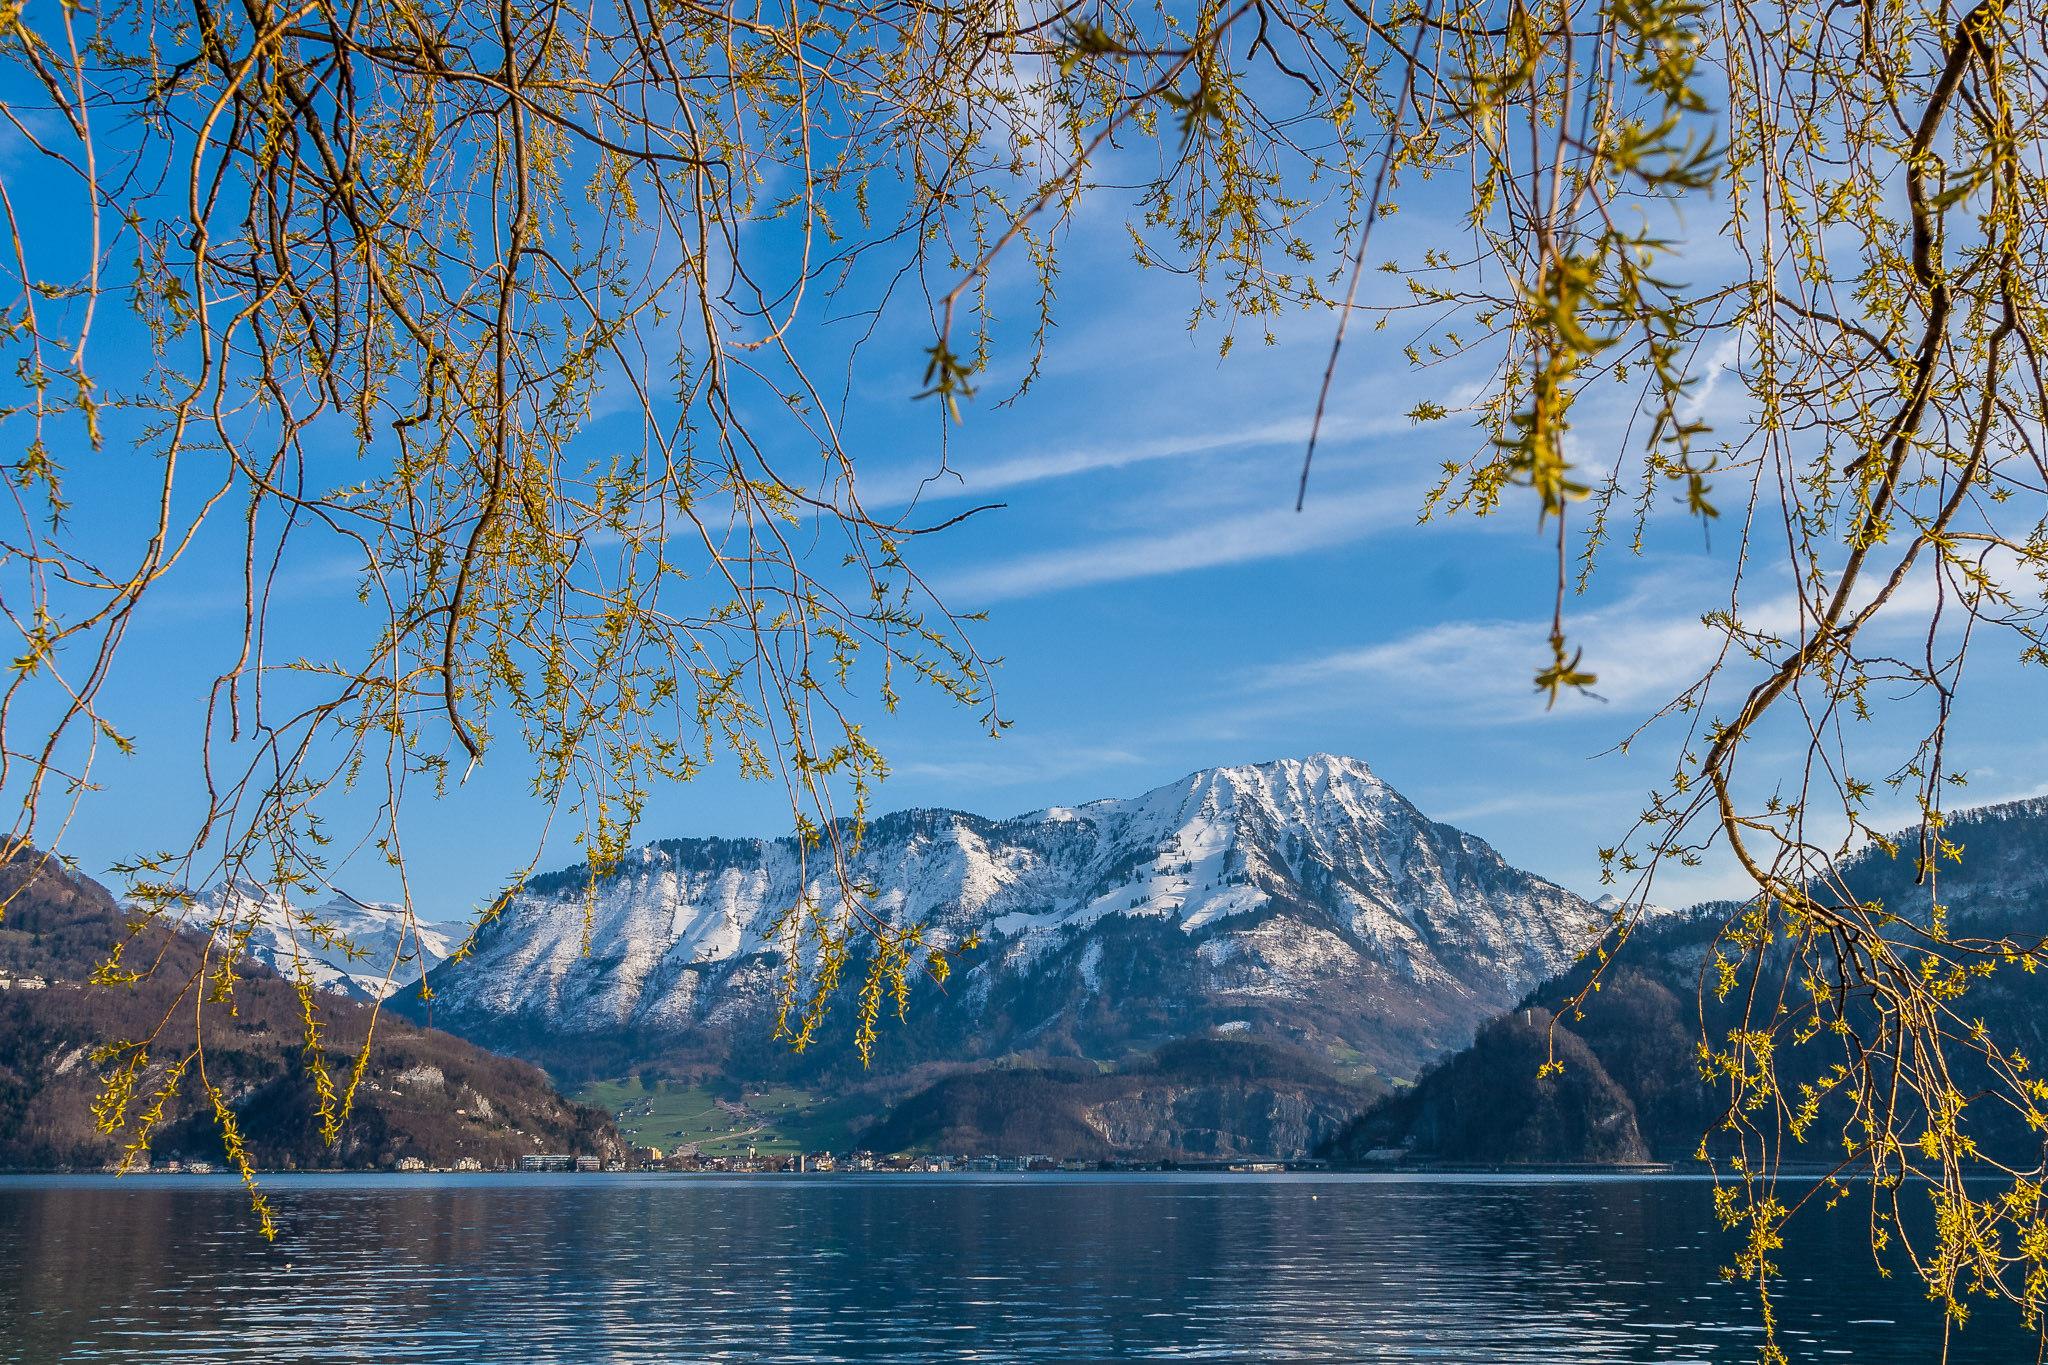 Озеро Люцерн, Люцерн, Швейцария